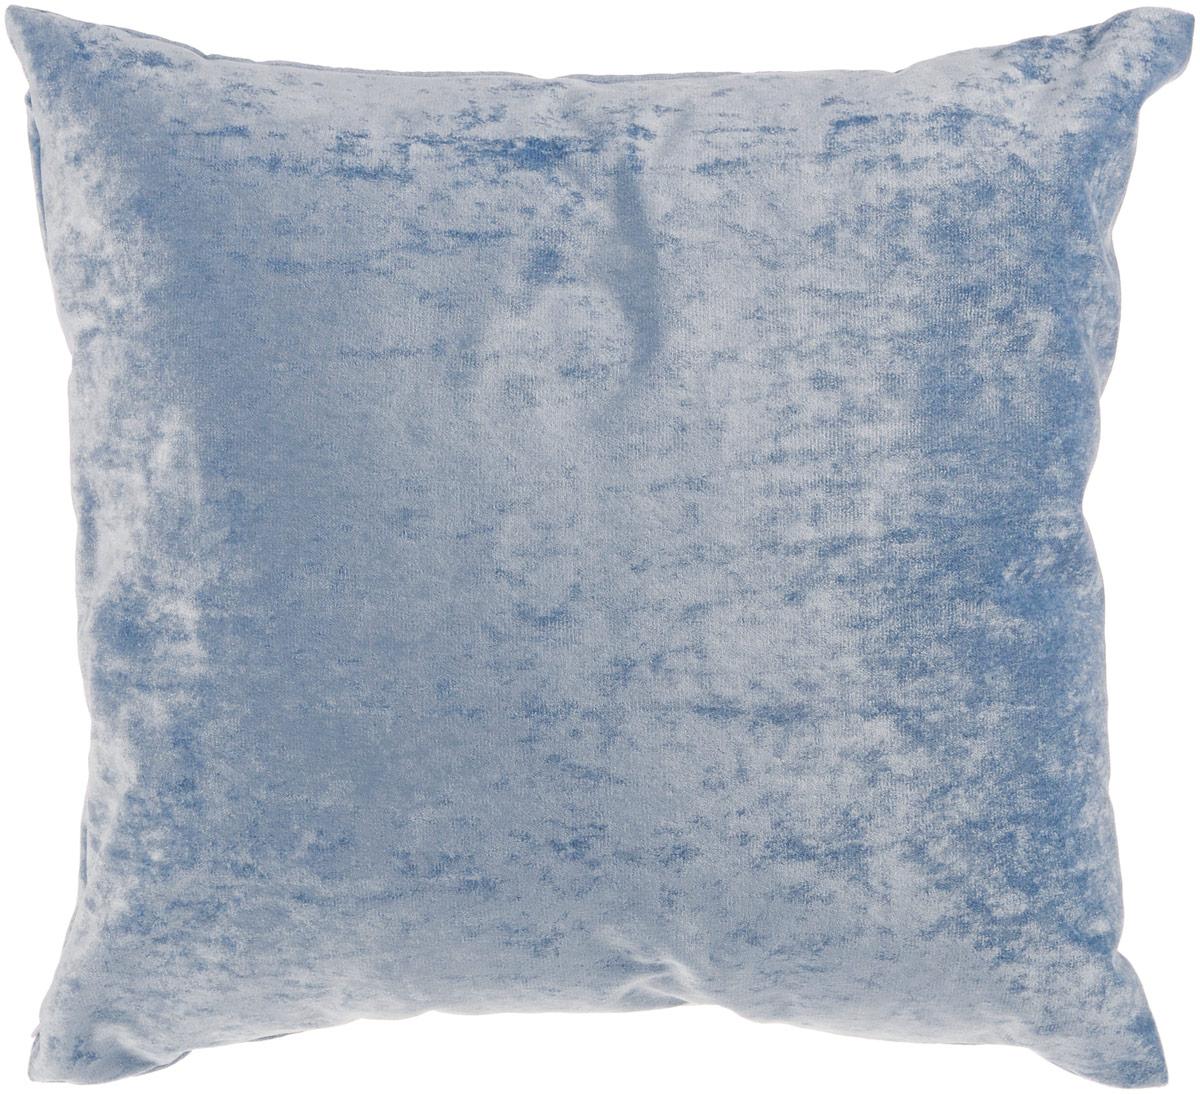 Подушка декоративная KauffOrt Бархат, цвет: голубой, 40 x 40 см3121039640Декоративная подушка Бархат прекрасно дополнит интерьер спальни или гостиной. Бархатистый на ощупь чехол подушки выполнен из 49% вискозы, 42% хлопка и 9% полиэстера. Внутри находится мягкий наполнитель. Чехол легко снимается благодаря потайной молнии. Красивая подушка создаст атмосферу уюта и комфорта в спальне и станет прекрасным элементом декора.